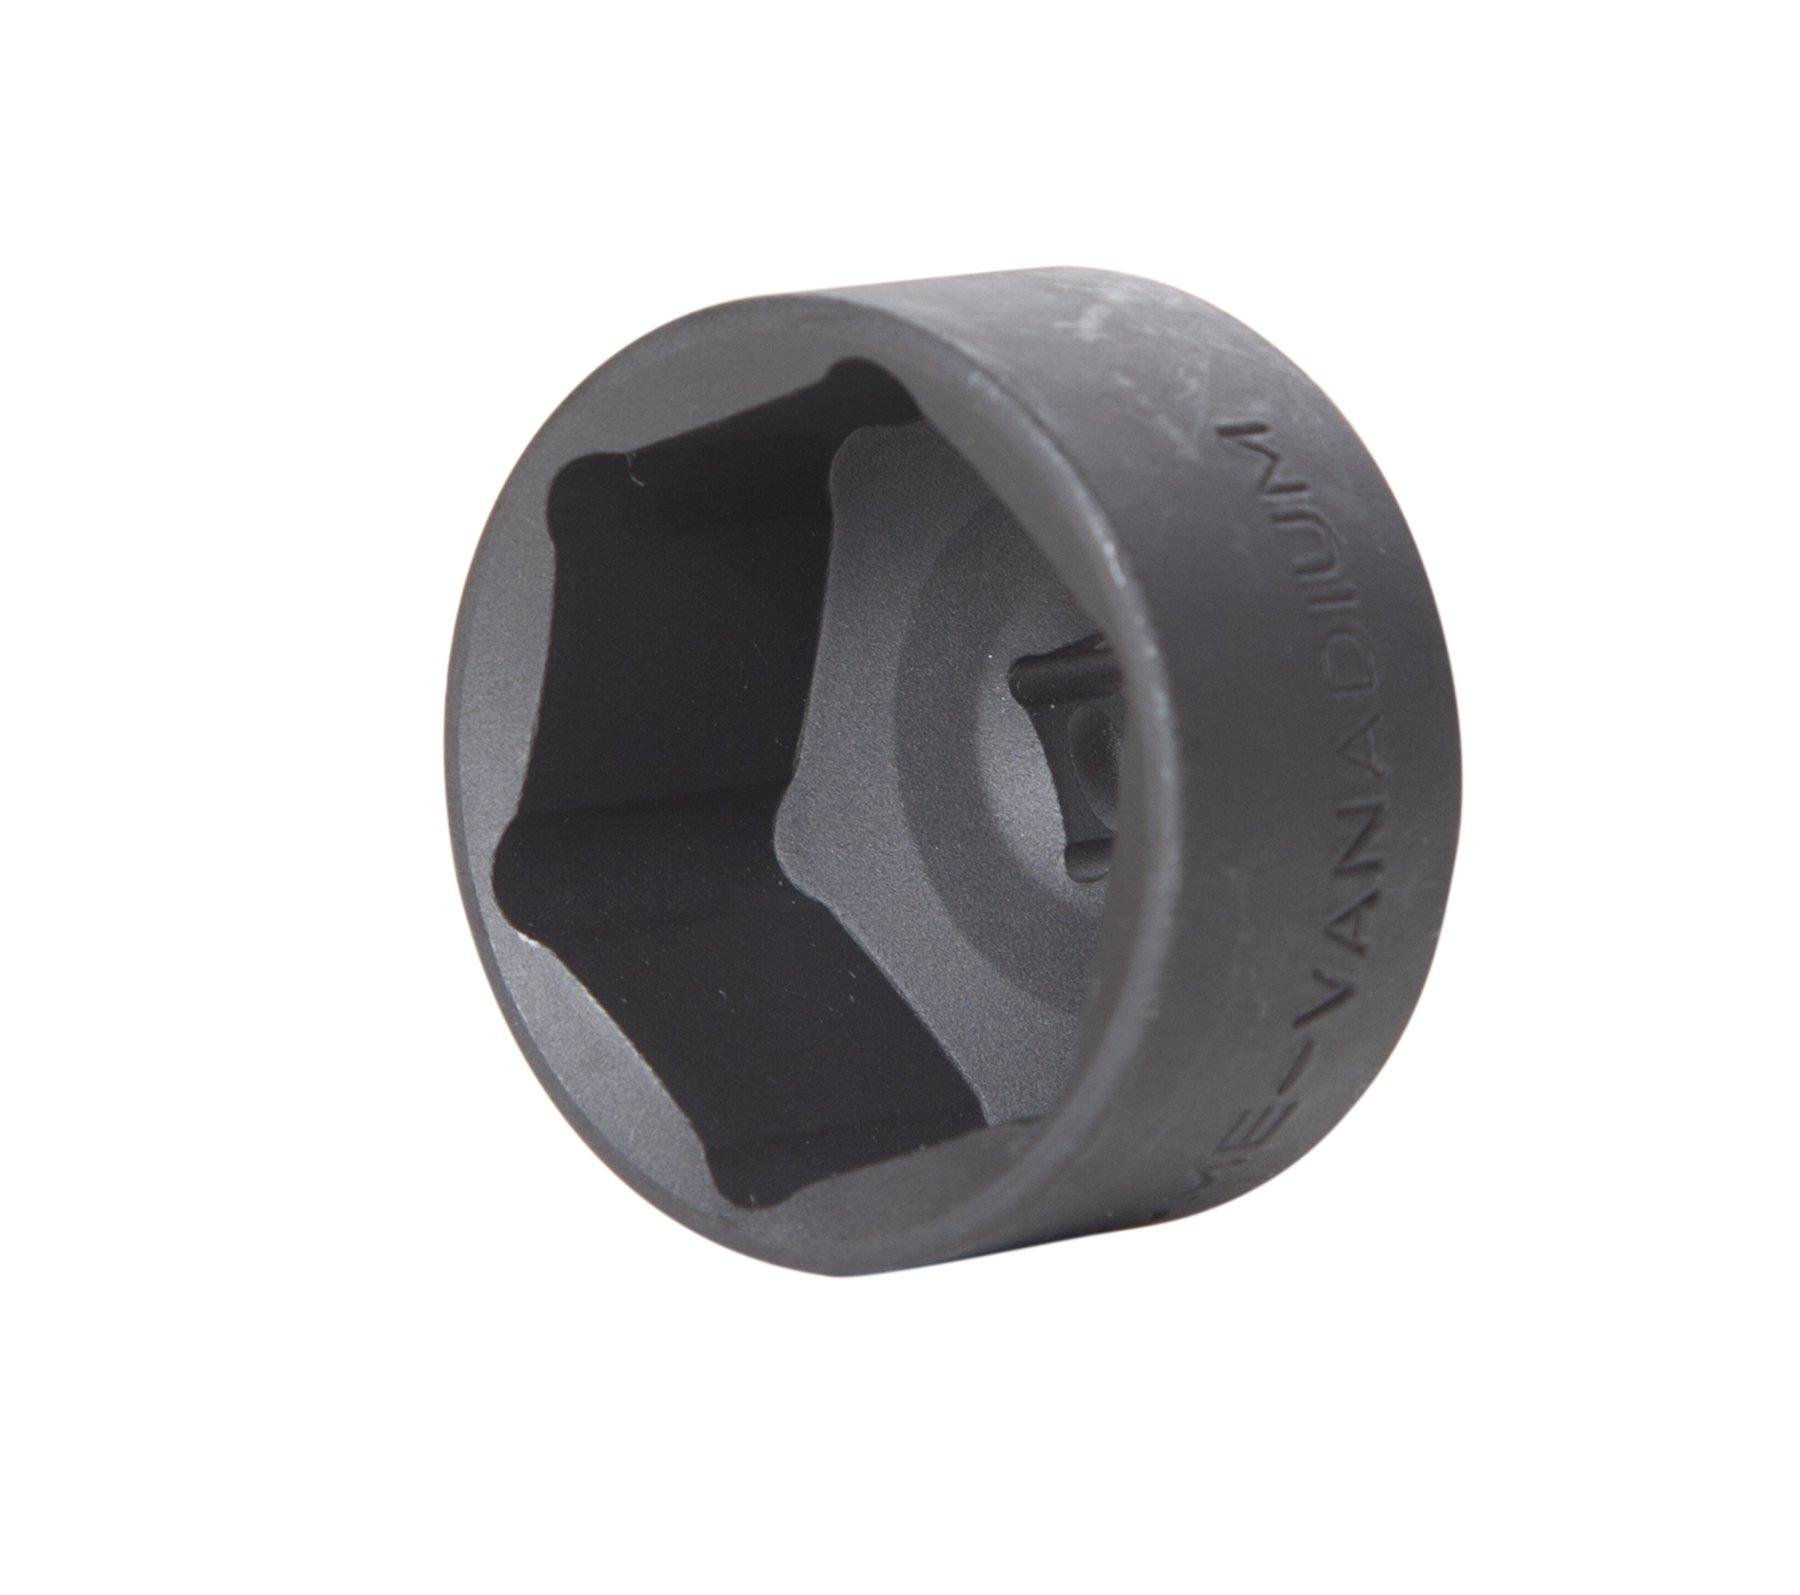 STEELMAN 95651 32mm Low Profile Oil Filter Socket